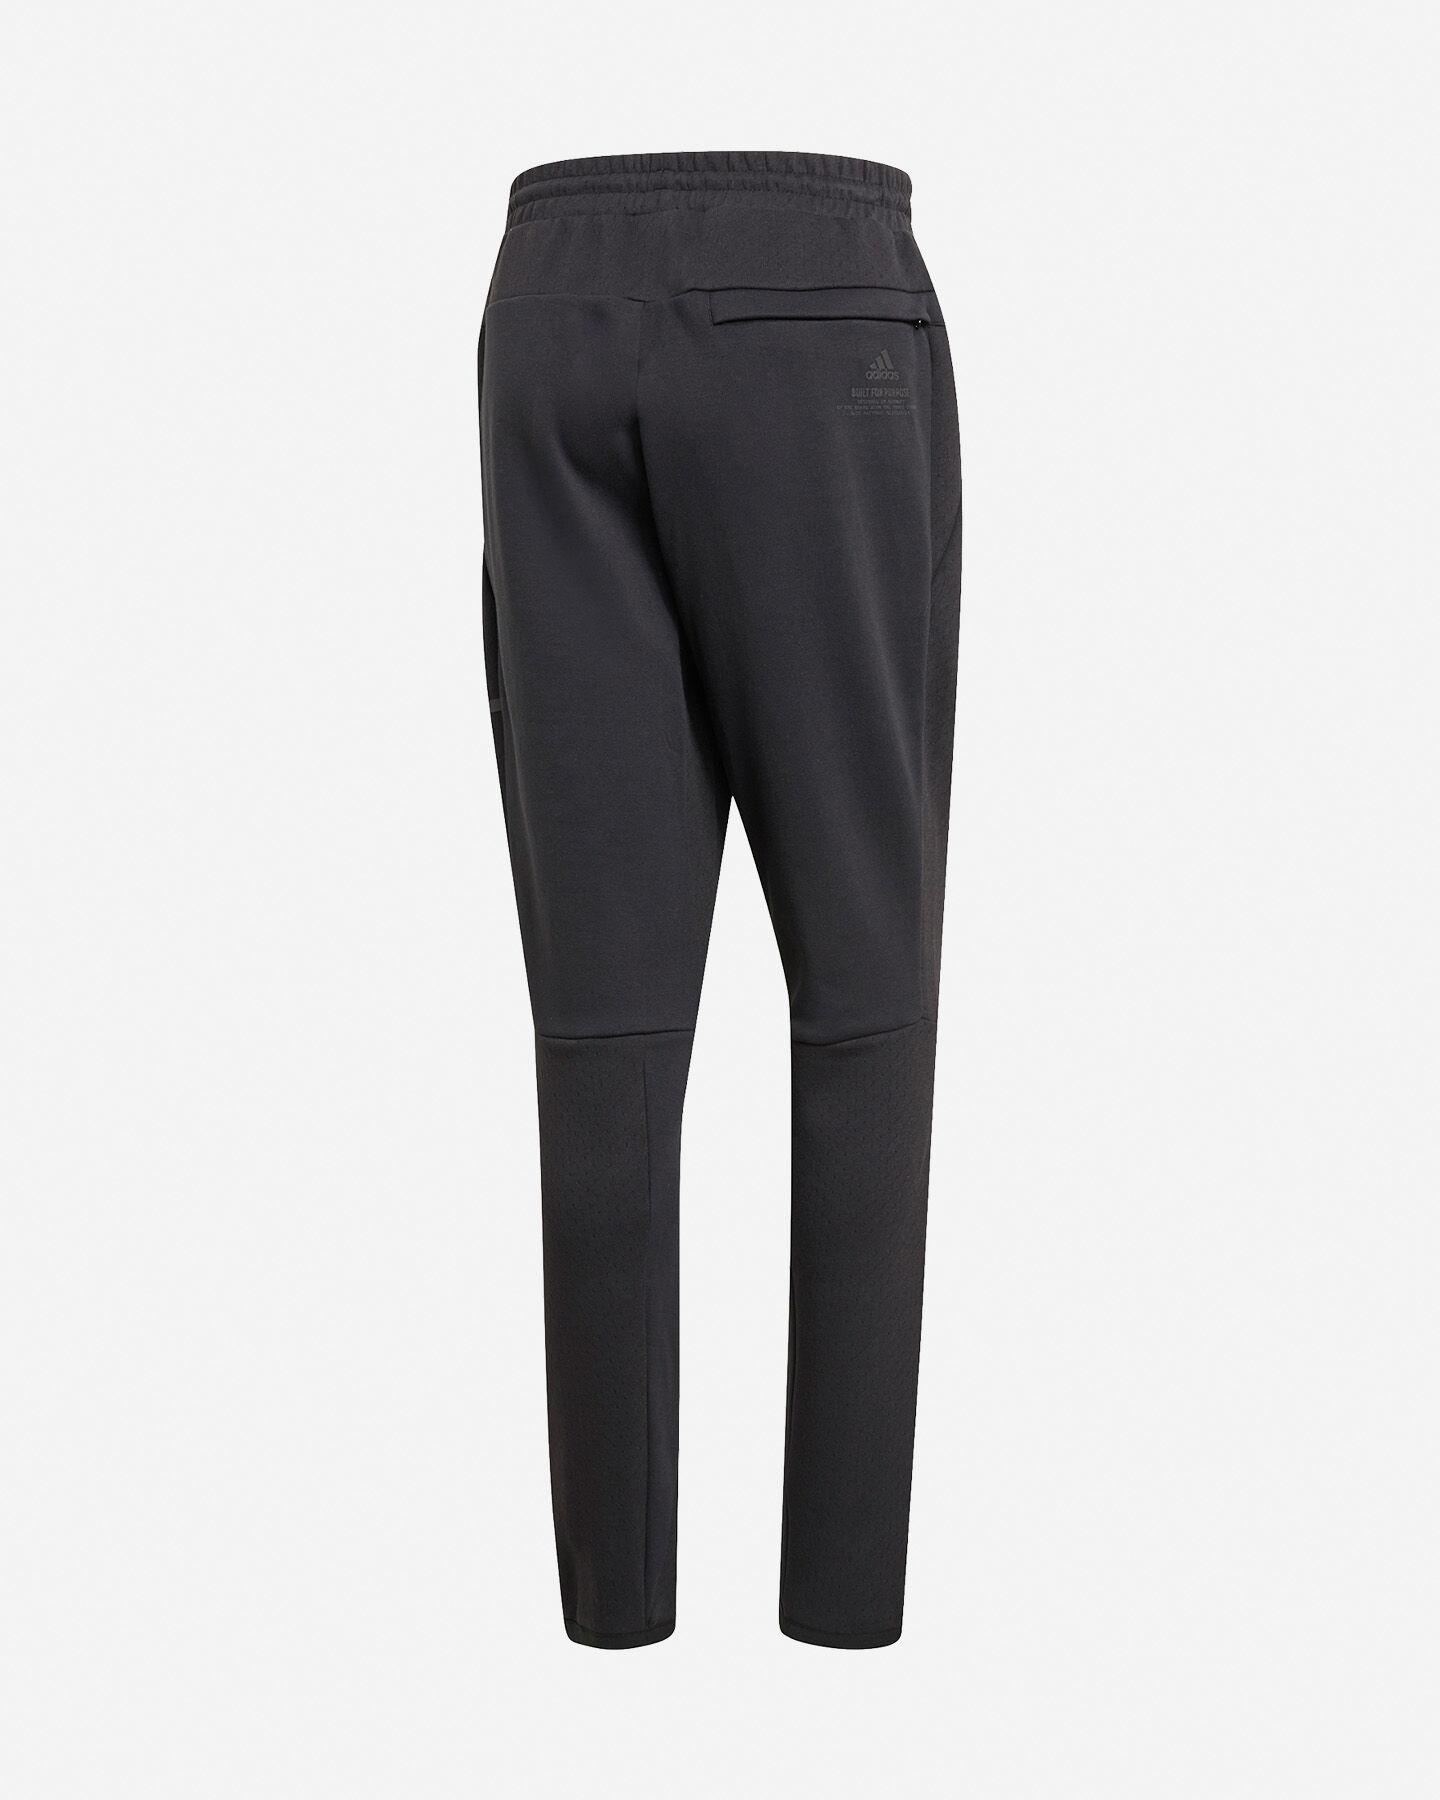 Pantalone ADIDAS ZONE M S5228113 scatto 1